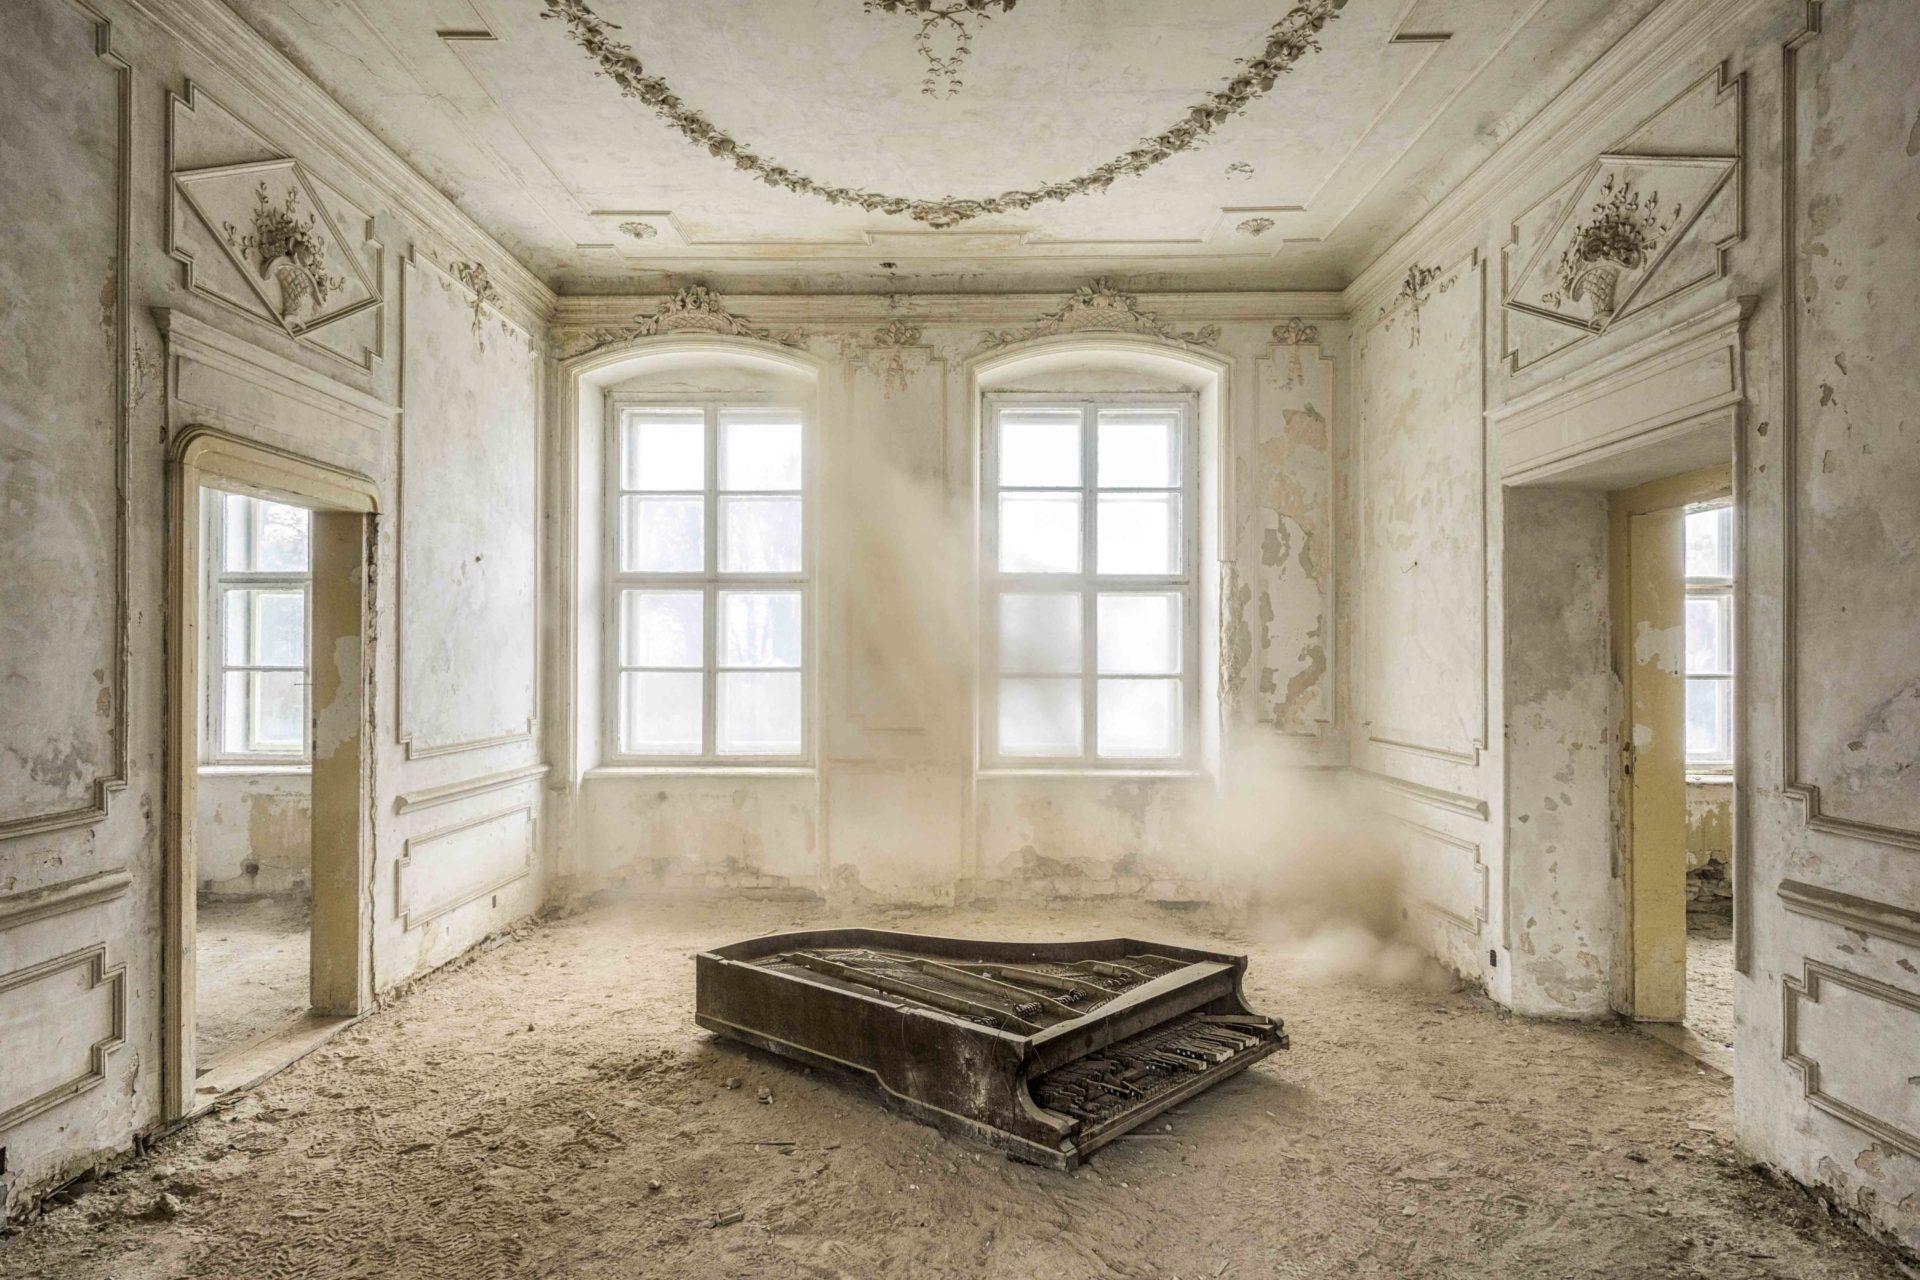 Requiem pour pianos 33 | Serie Requiem pour pianos | Romain Thiery | Poland